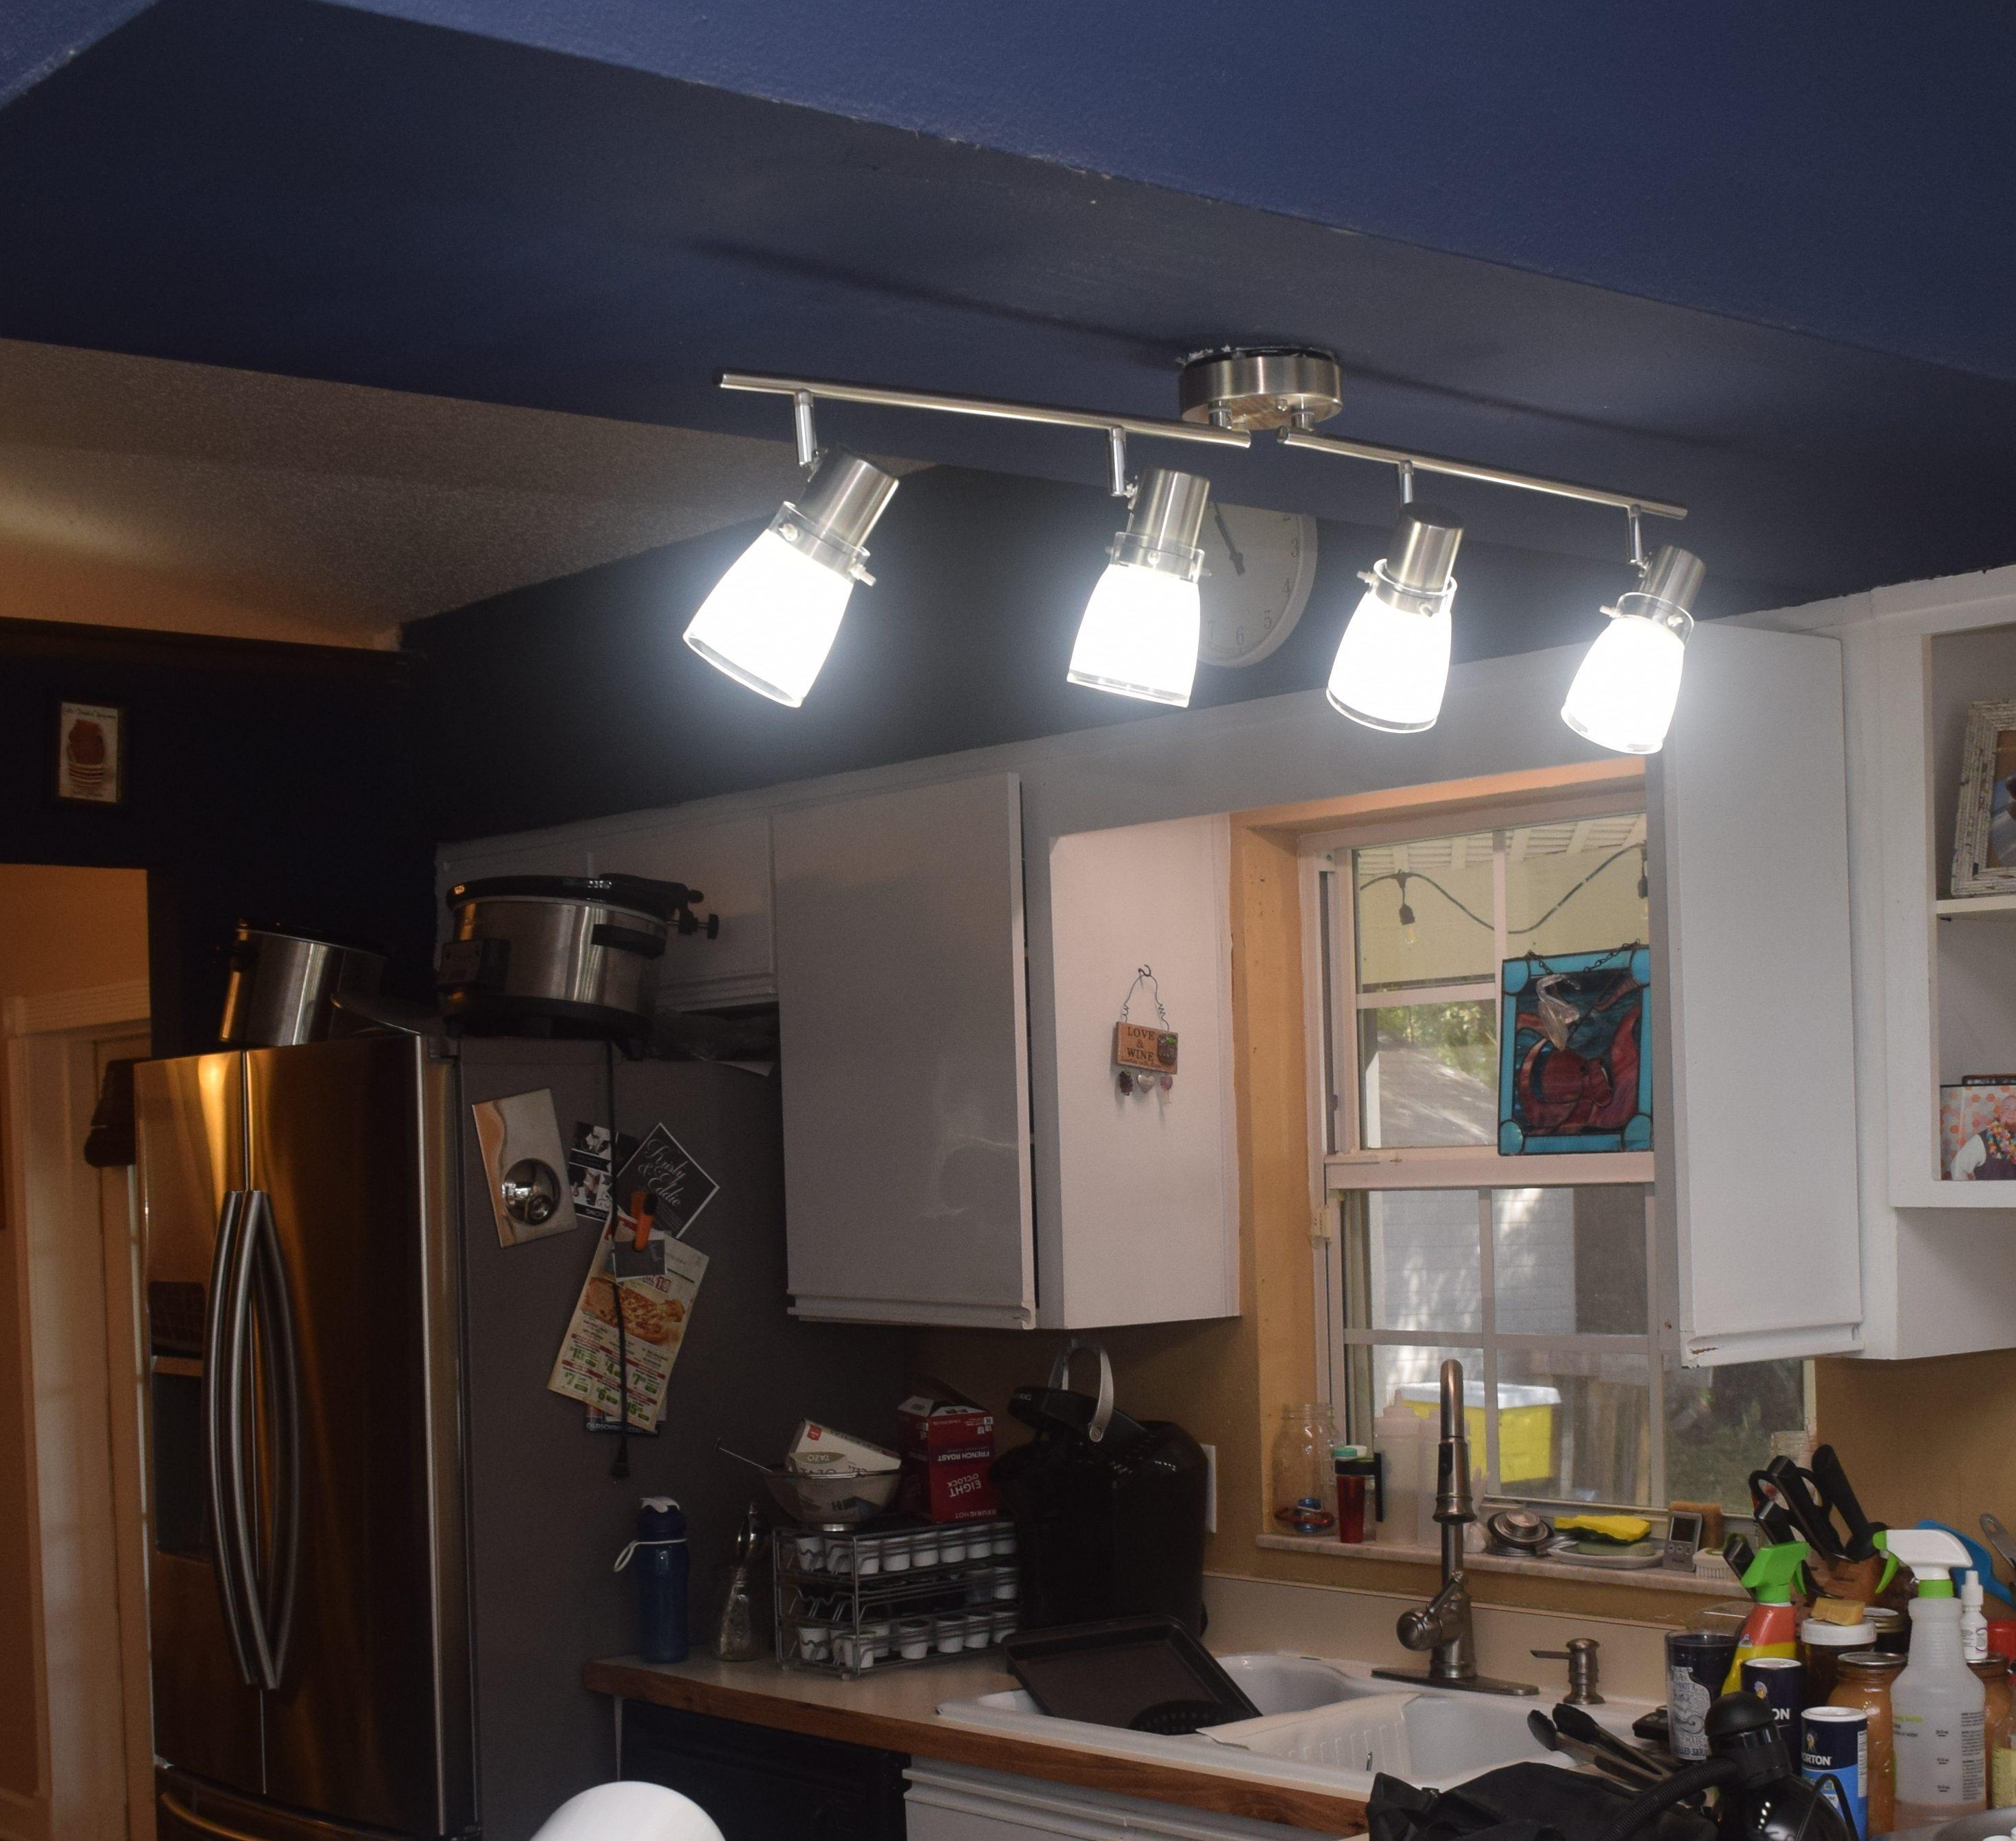 11 Creative Kitchen Upgrades: Kitchen Lighting Upgrade